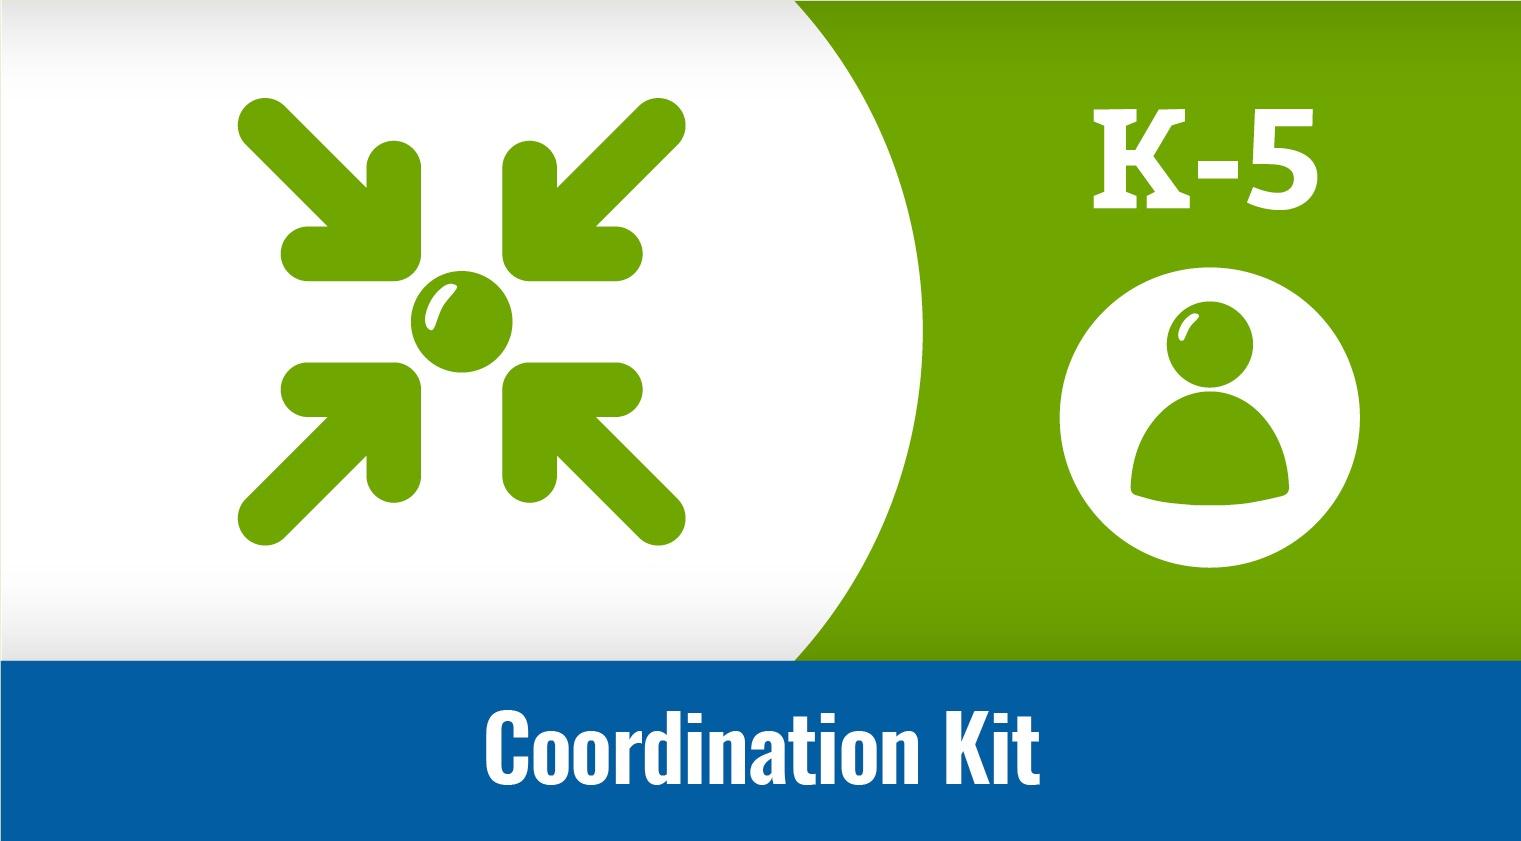 Coordination Kit (K-5) 6-Week: CATCH Champion & Team Resources